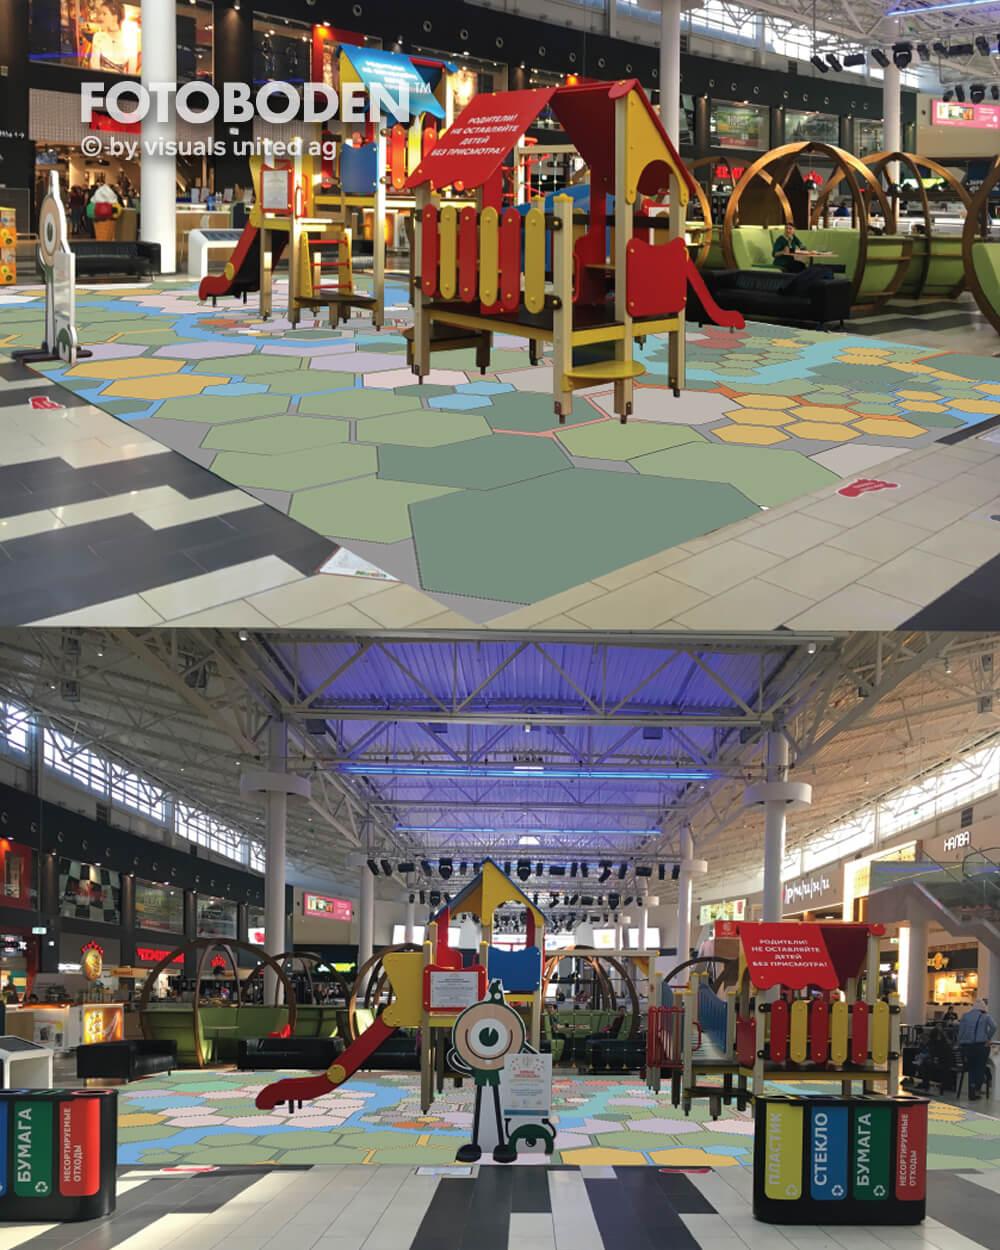 Verkaufsfläche Bodengestaltung Indoor Kinderspielplatz